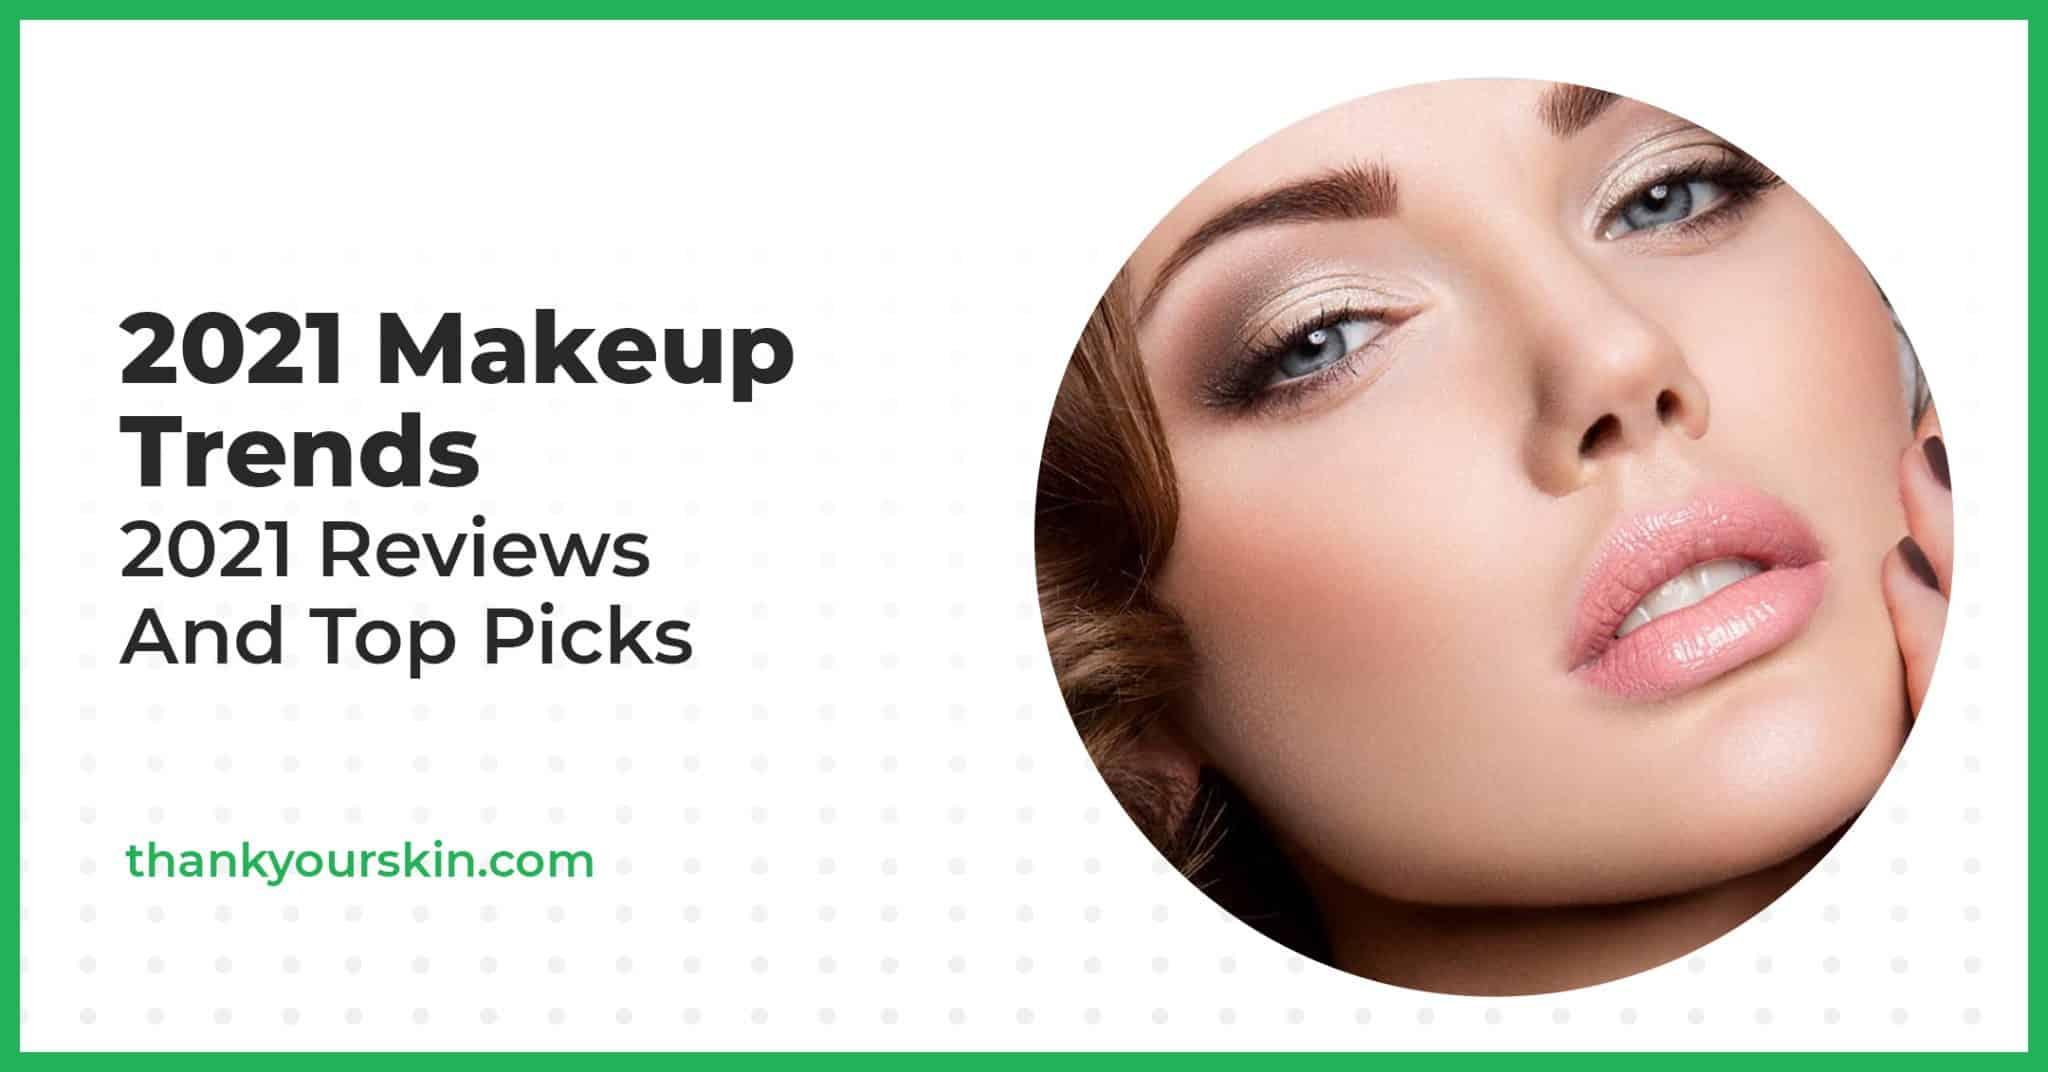 2021 Makeup Trends